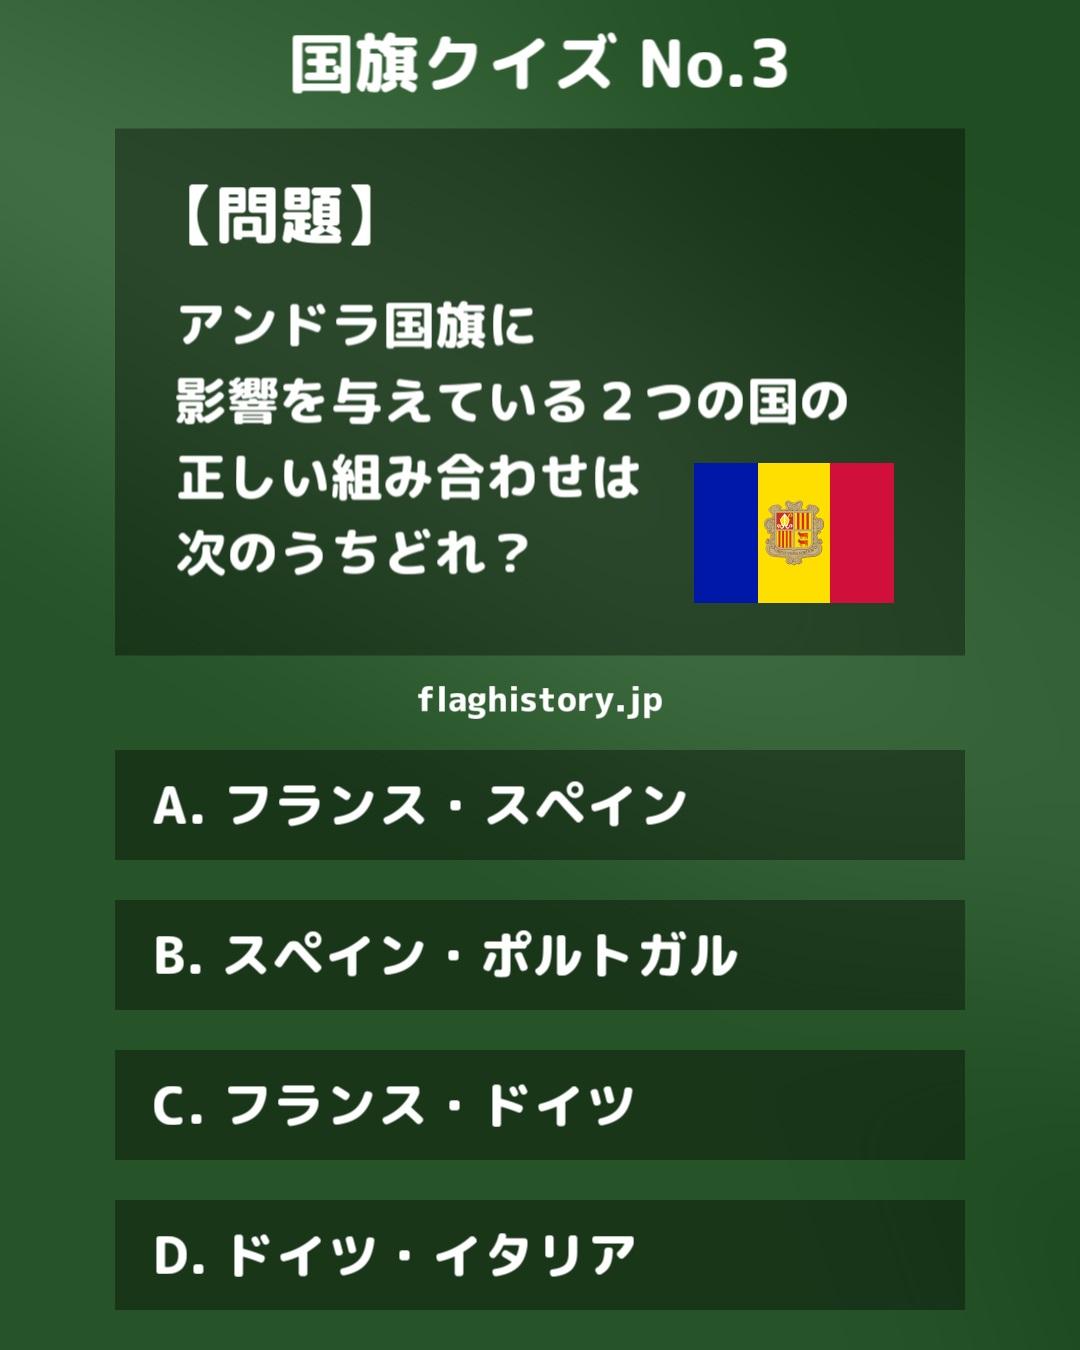 国旗クイズNo.3「アンドラ国旗に影響を与えている2つの国の正しい組み合わせは次のうちどれ?」